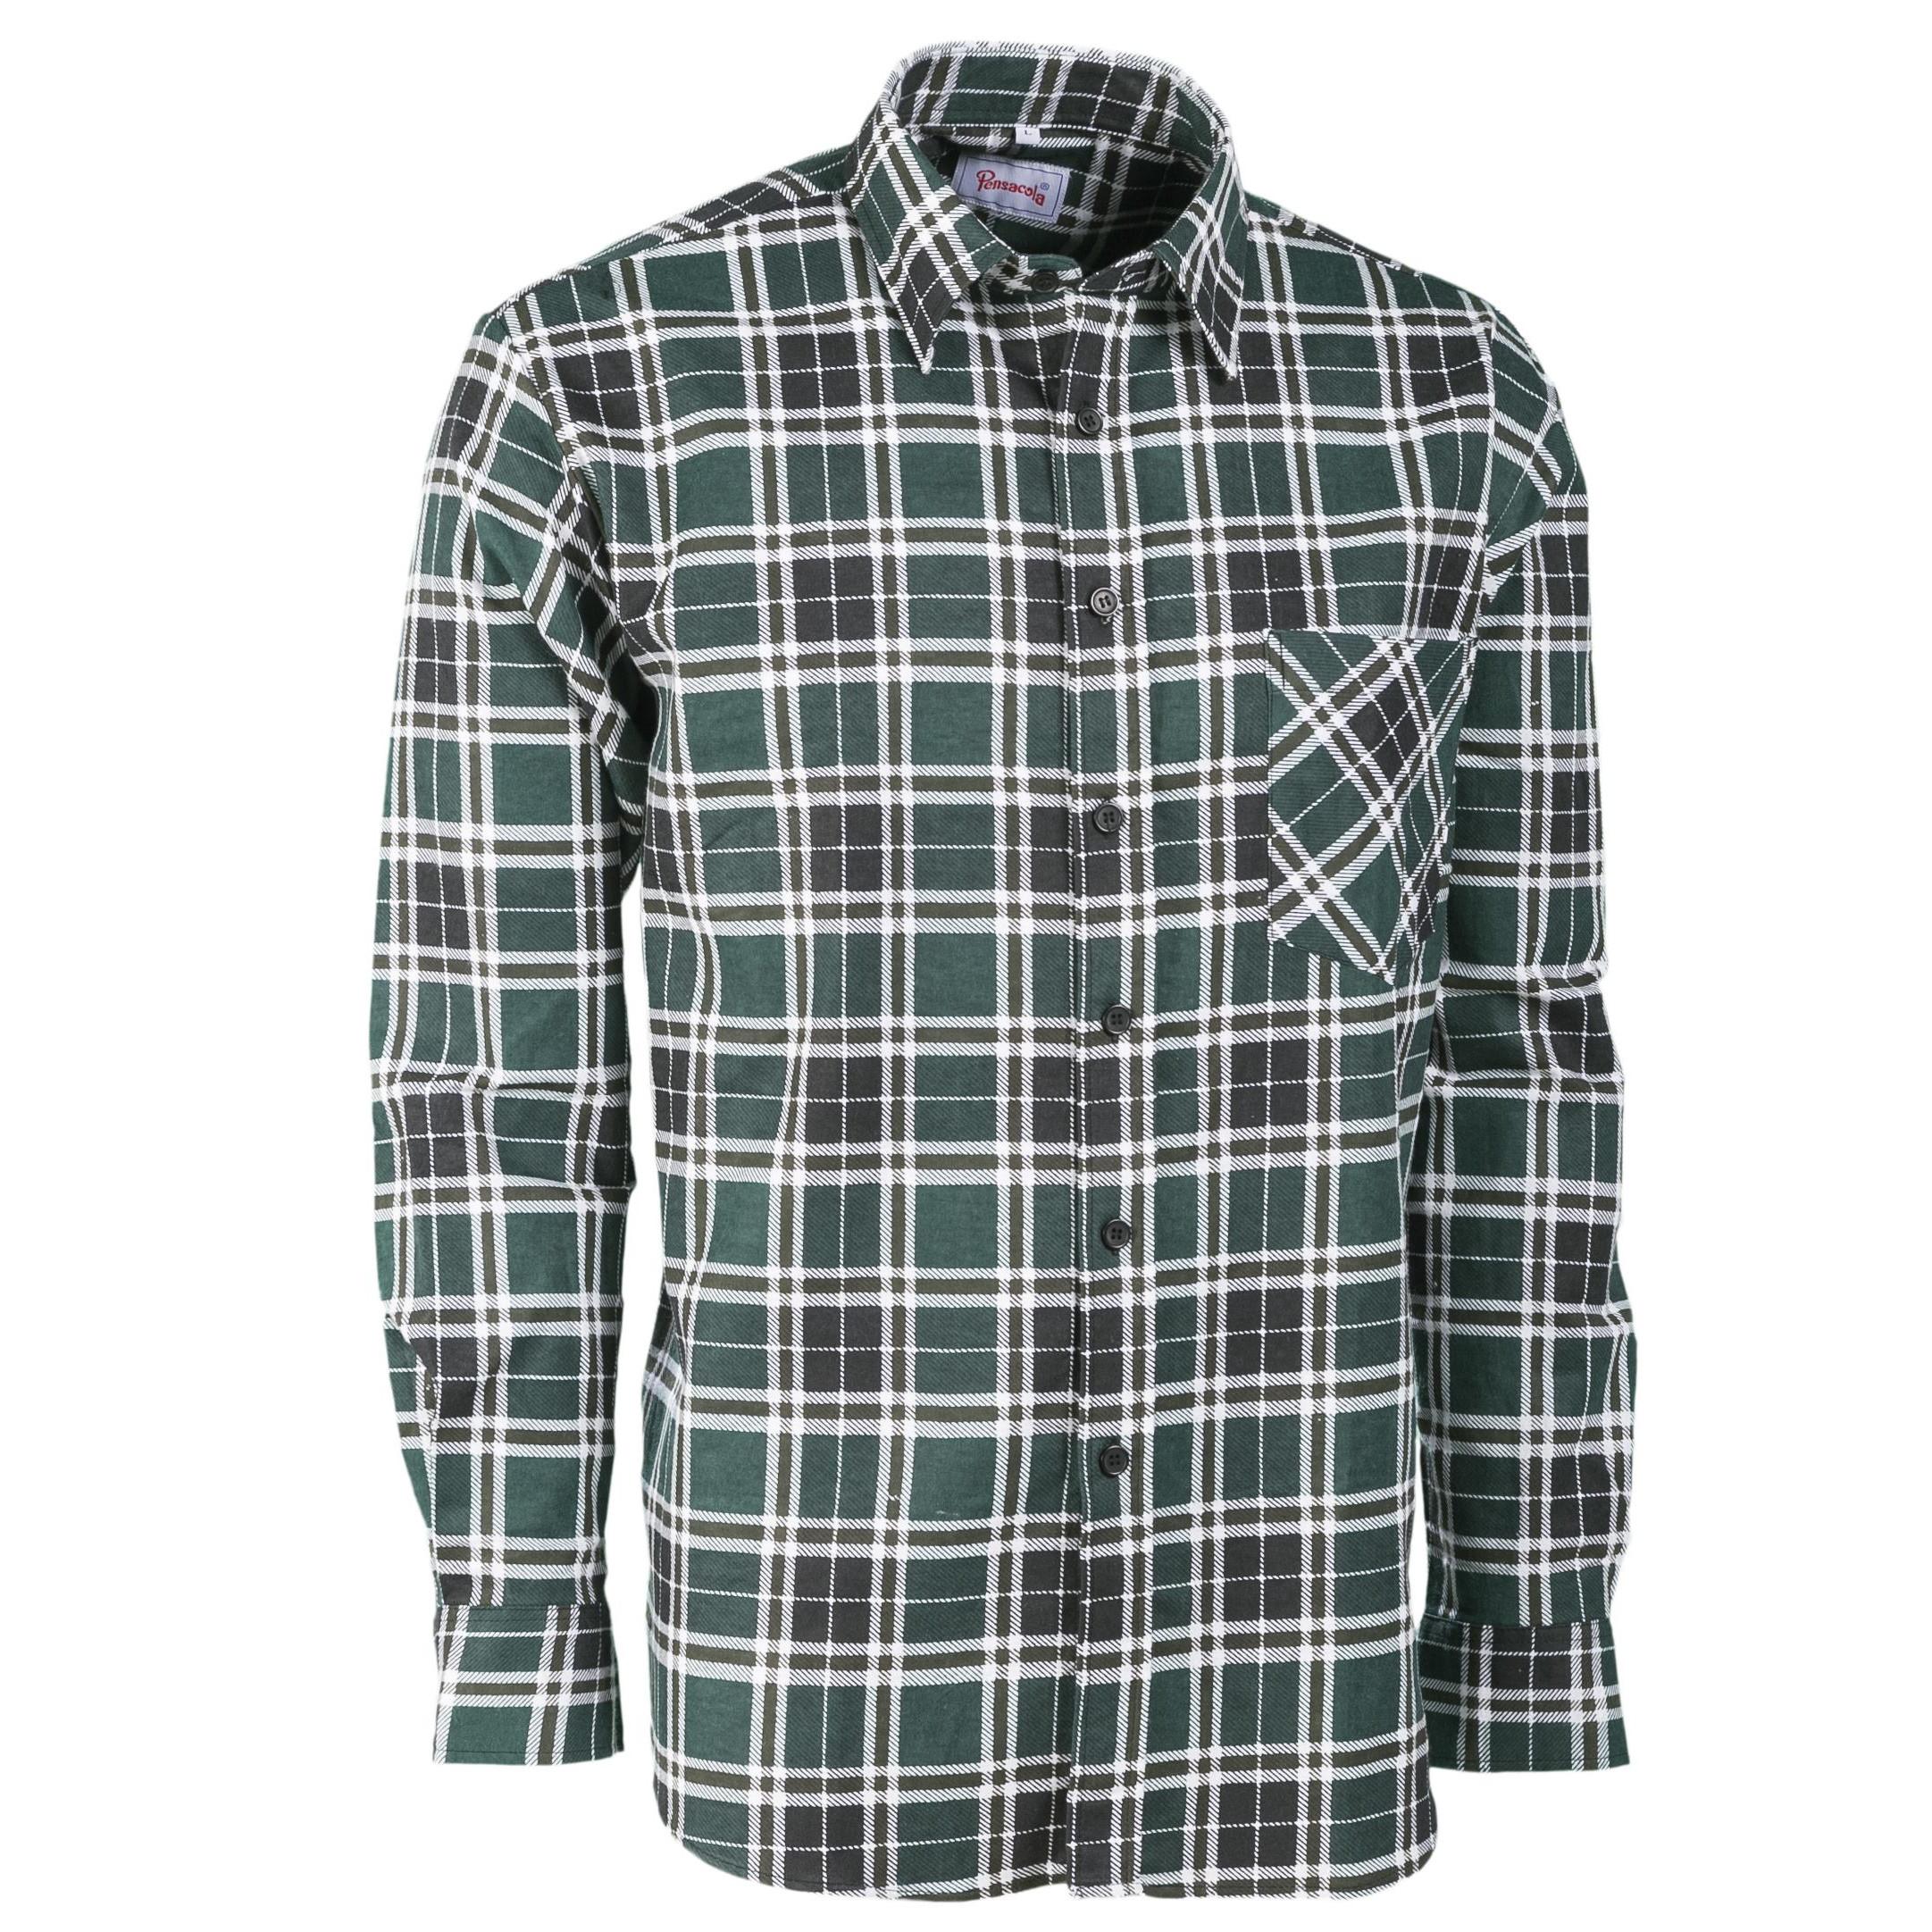 low priced 476a4 07add Camicia flanella SB1526 – SecurB – Abbigliamento da Lavoro ...